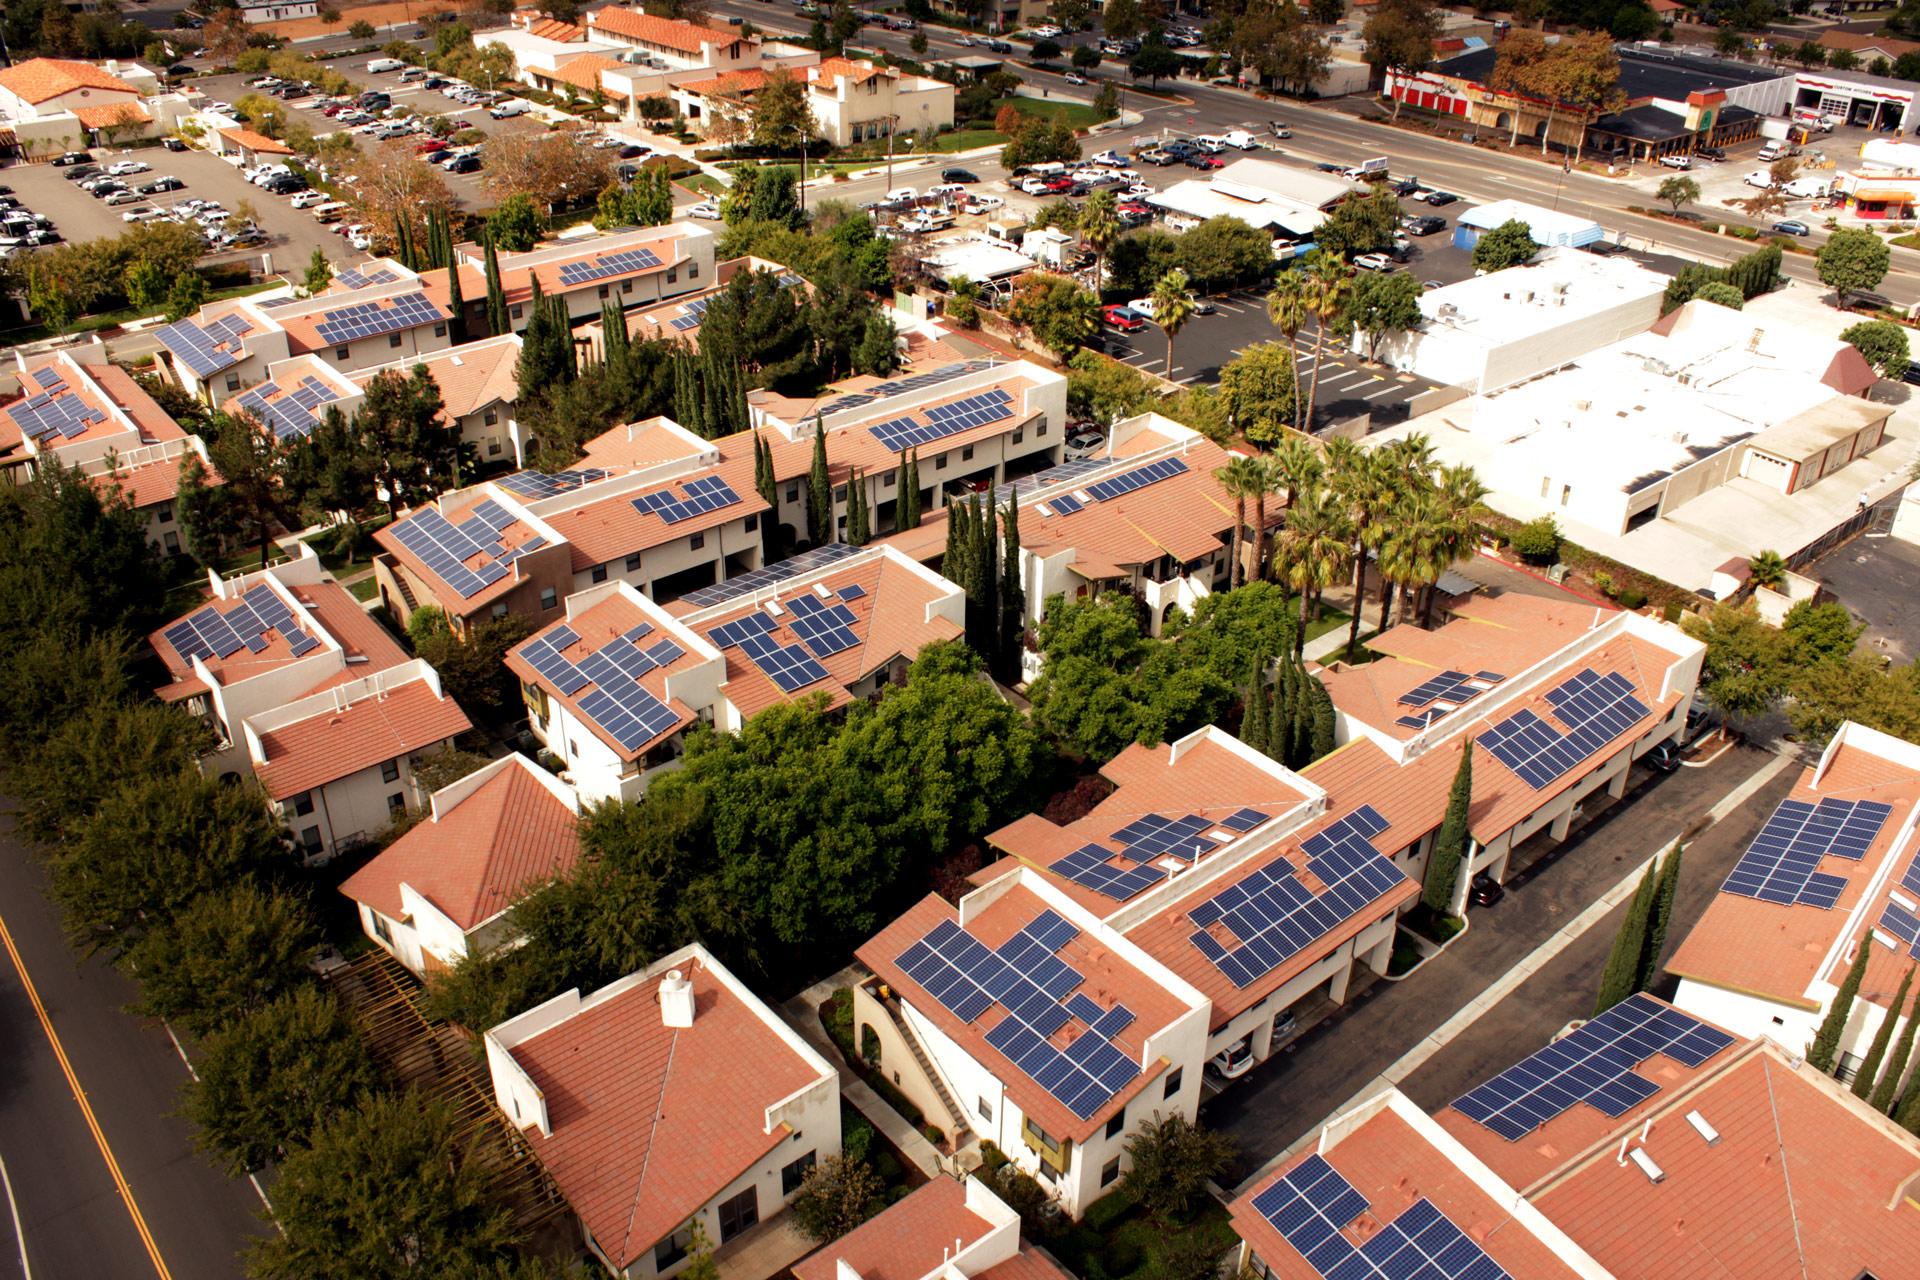 CHW-Parkview-Terrace-Aerial-solar-panels.jpg